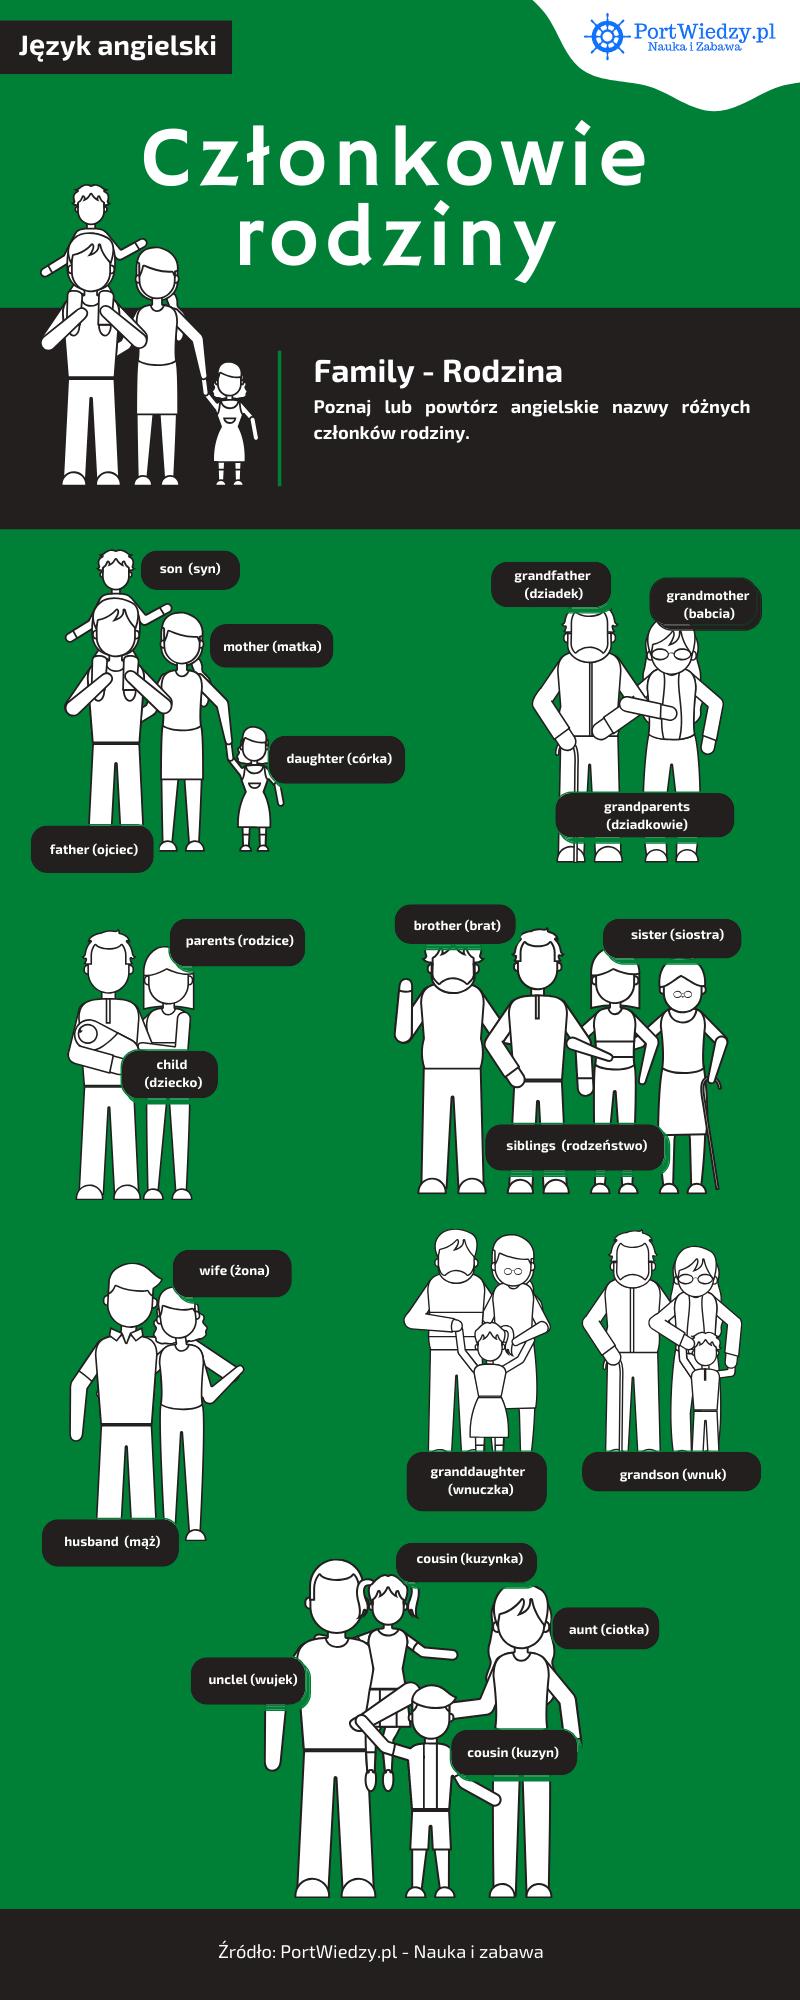 portwiedzy rodzina po angielsku - Członkowie rodziny po angielsku